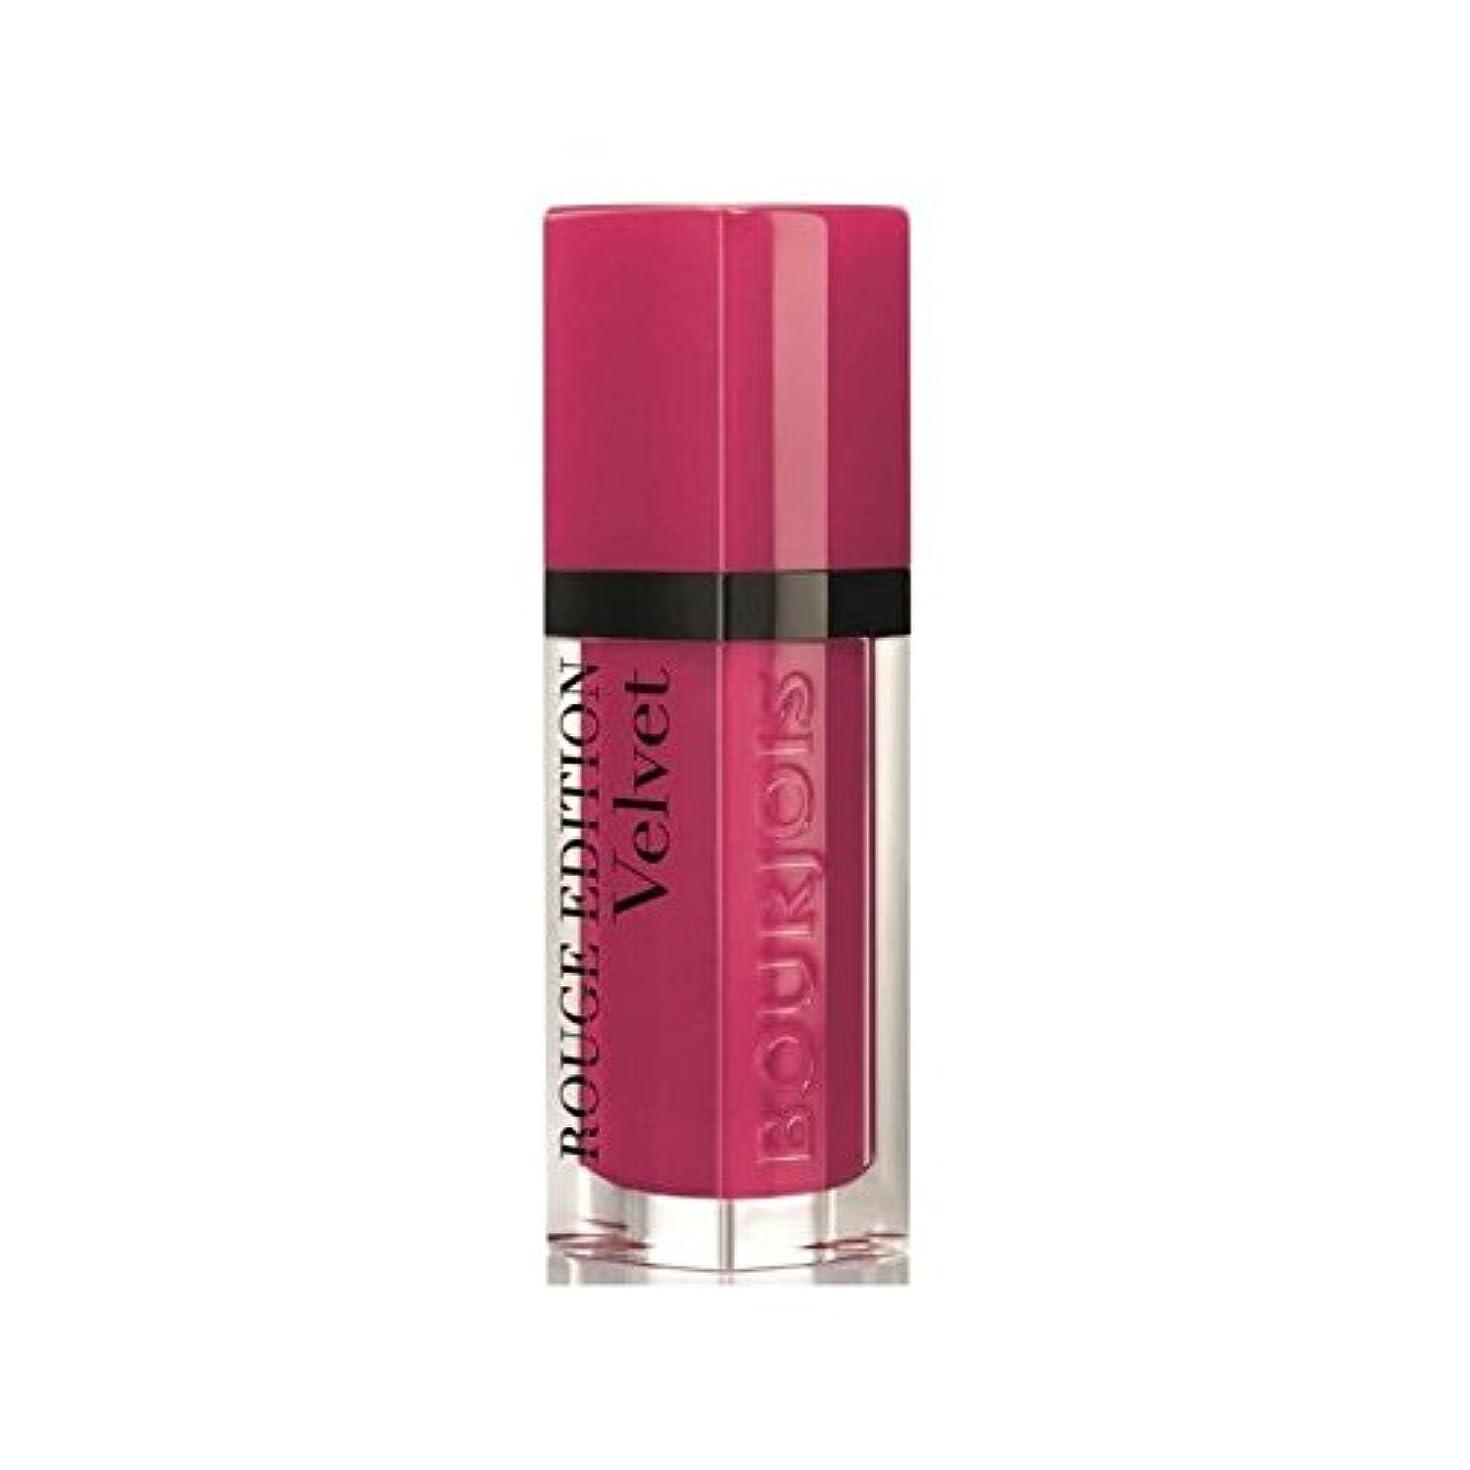 言い聞かせるご意見賠償Bourjois Rouge Edition Velvet lipstick Ole Flamingo 5 - ブルジョワルージュ版のベルベットの口紅フラミンゴ5 [並行輸入品]